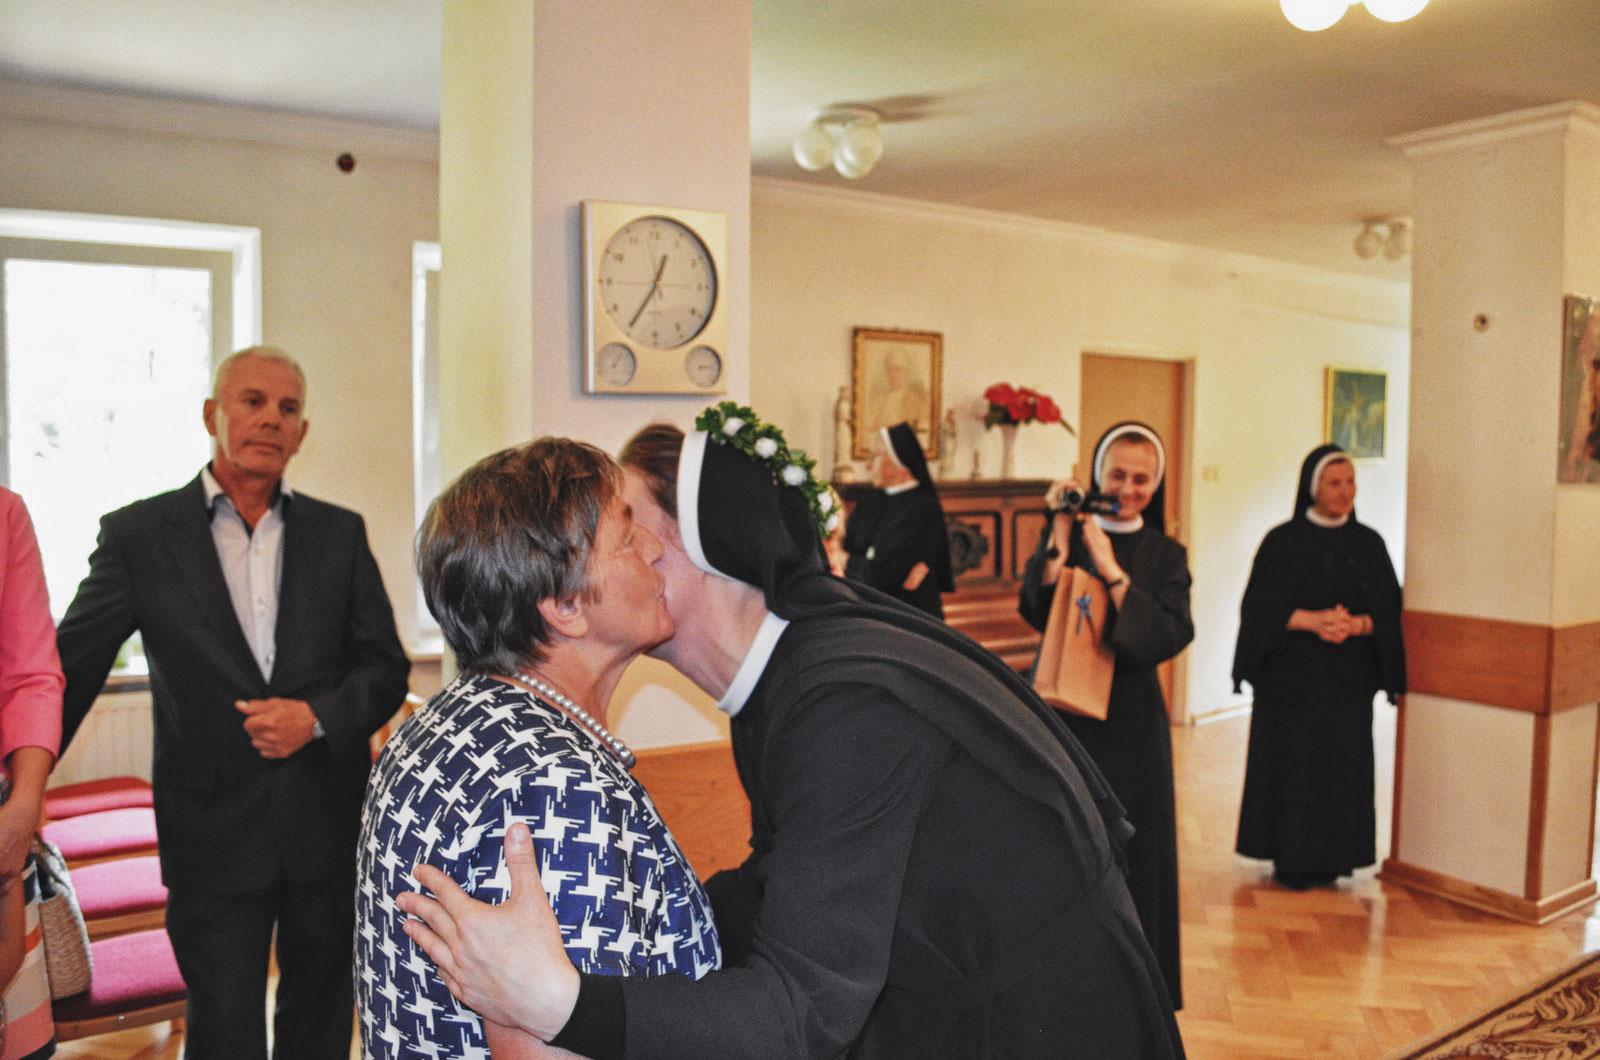 Sióstr_św_Elżbiety-Pierwsze_Śluby_fotorelacja-I-SLUBY-DSC_0628-min.jpg